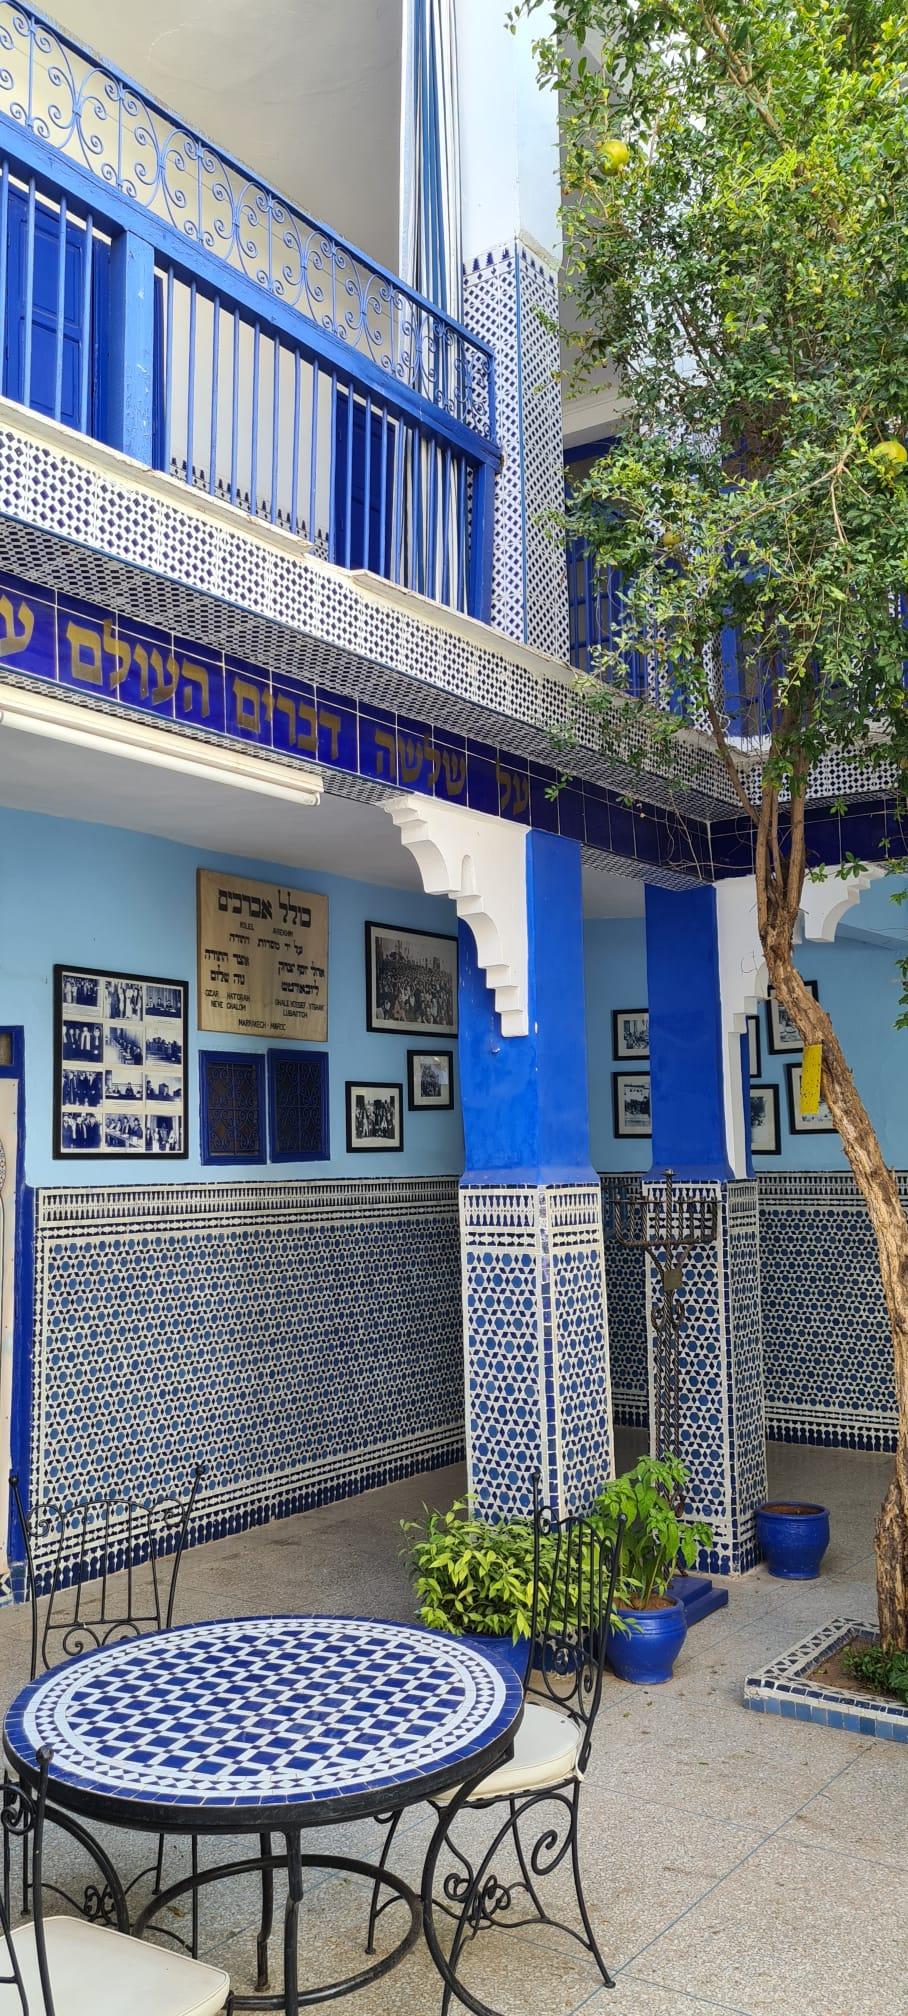 בית הכנסת אלעזמה ממוקם בתוך ריאד, מבנה מסורתי ובמרכזו חצר | צילום: שרון בן דוד